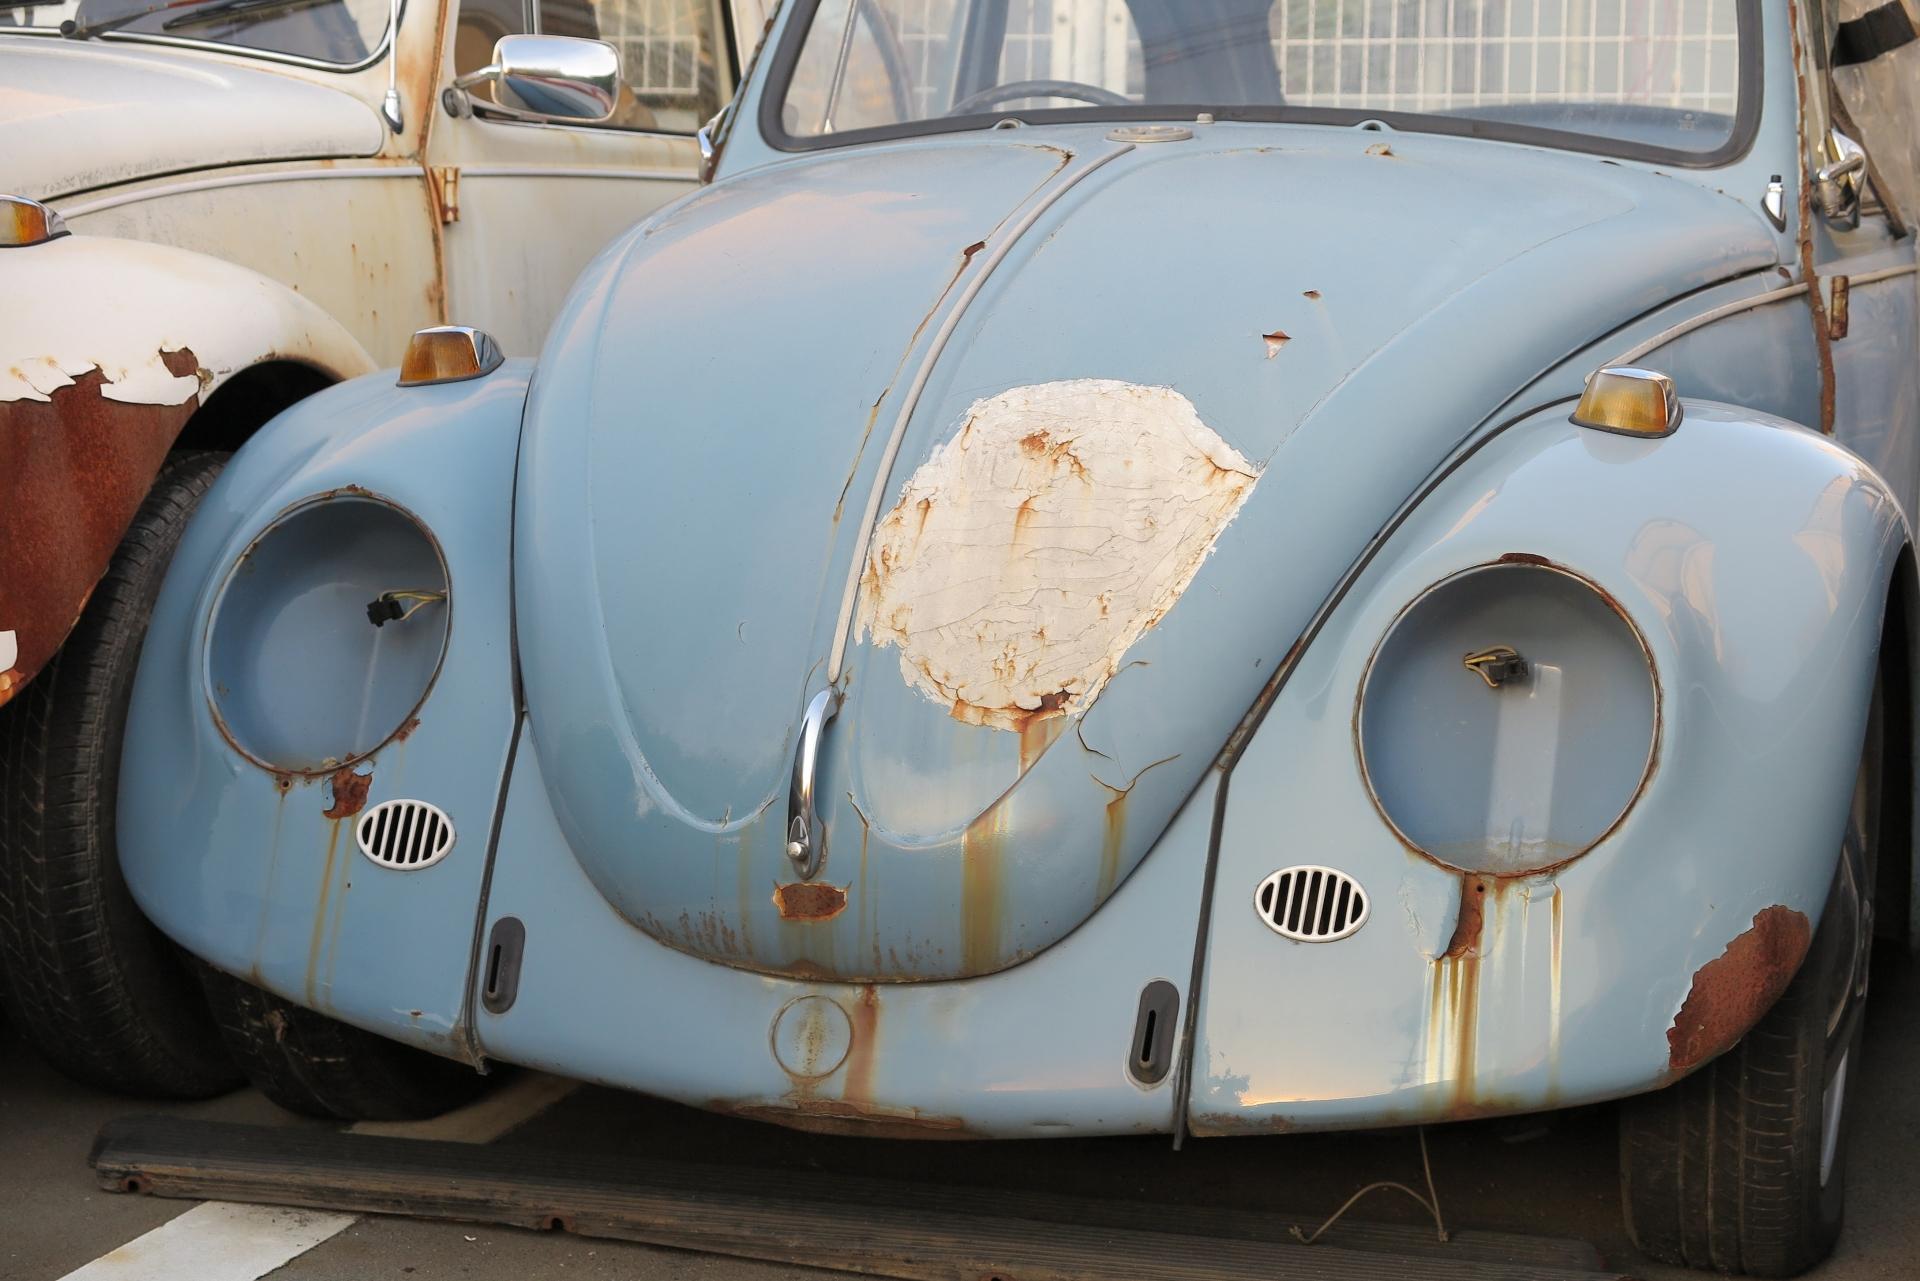 ボロボロの古い車でも買取はできる?